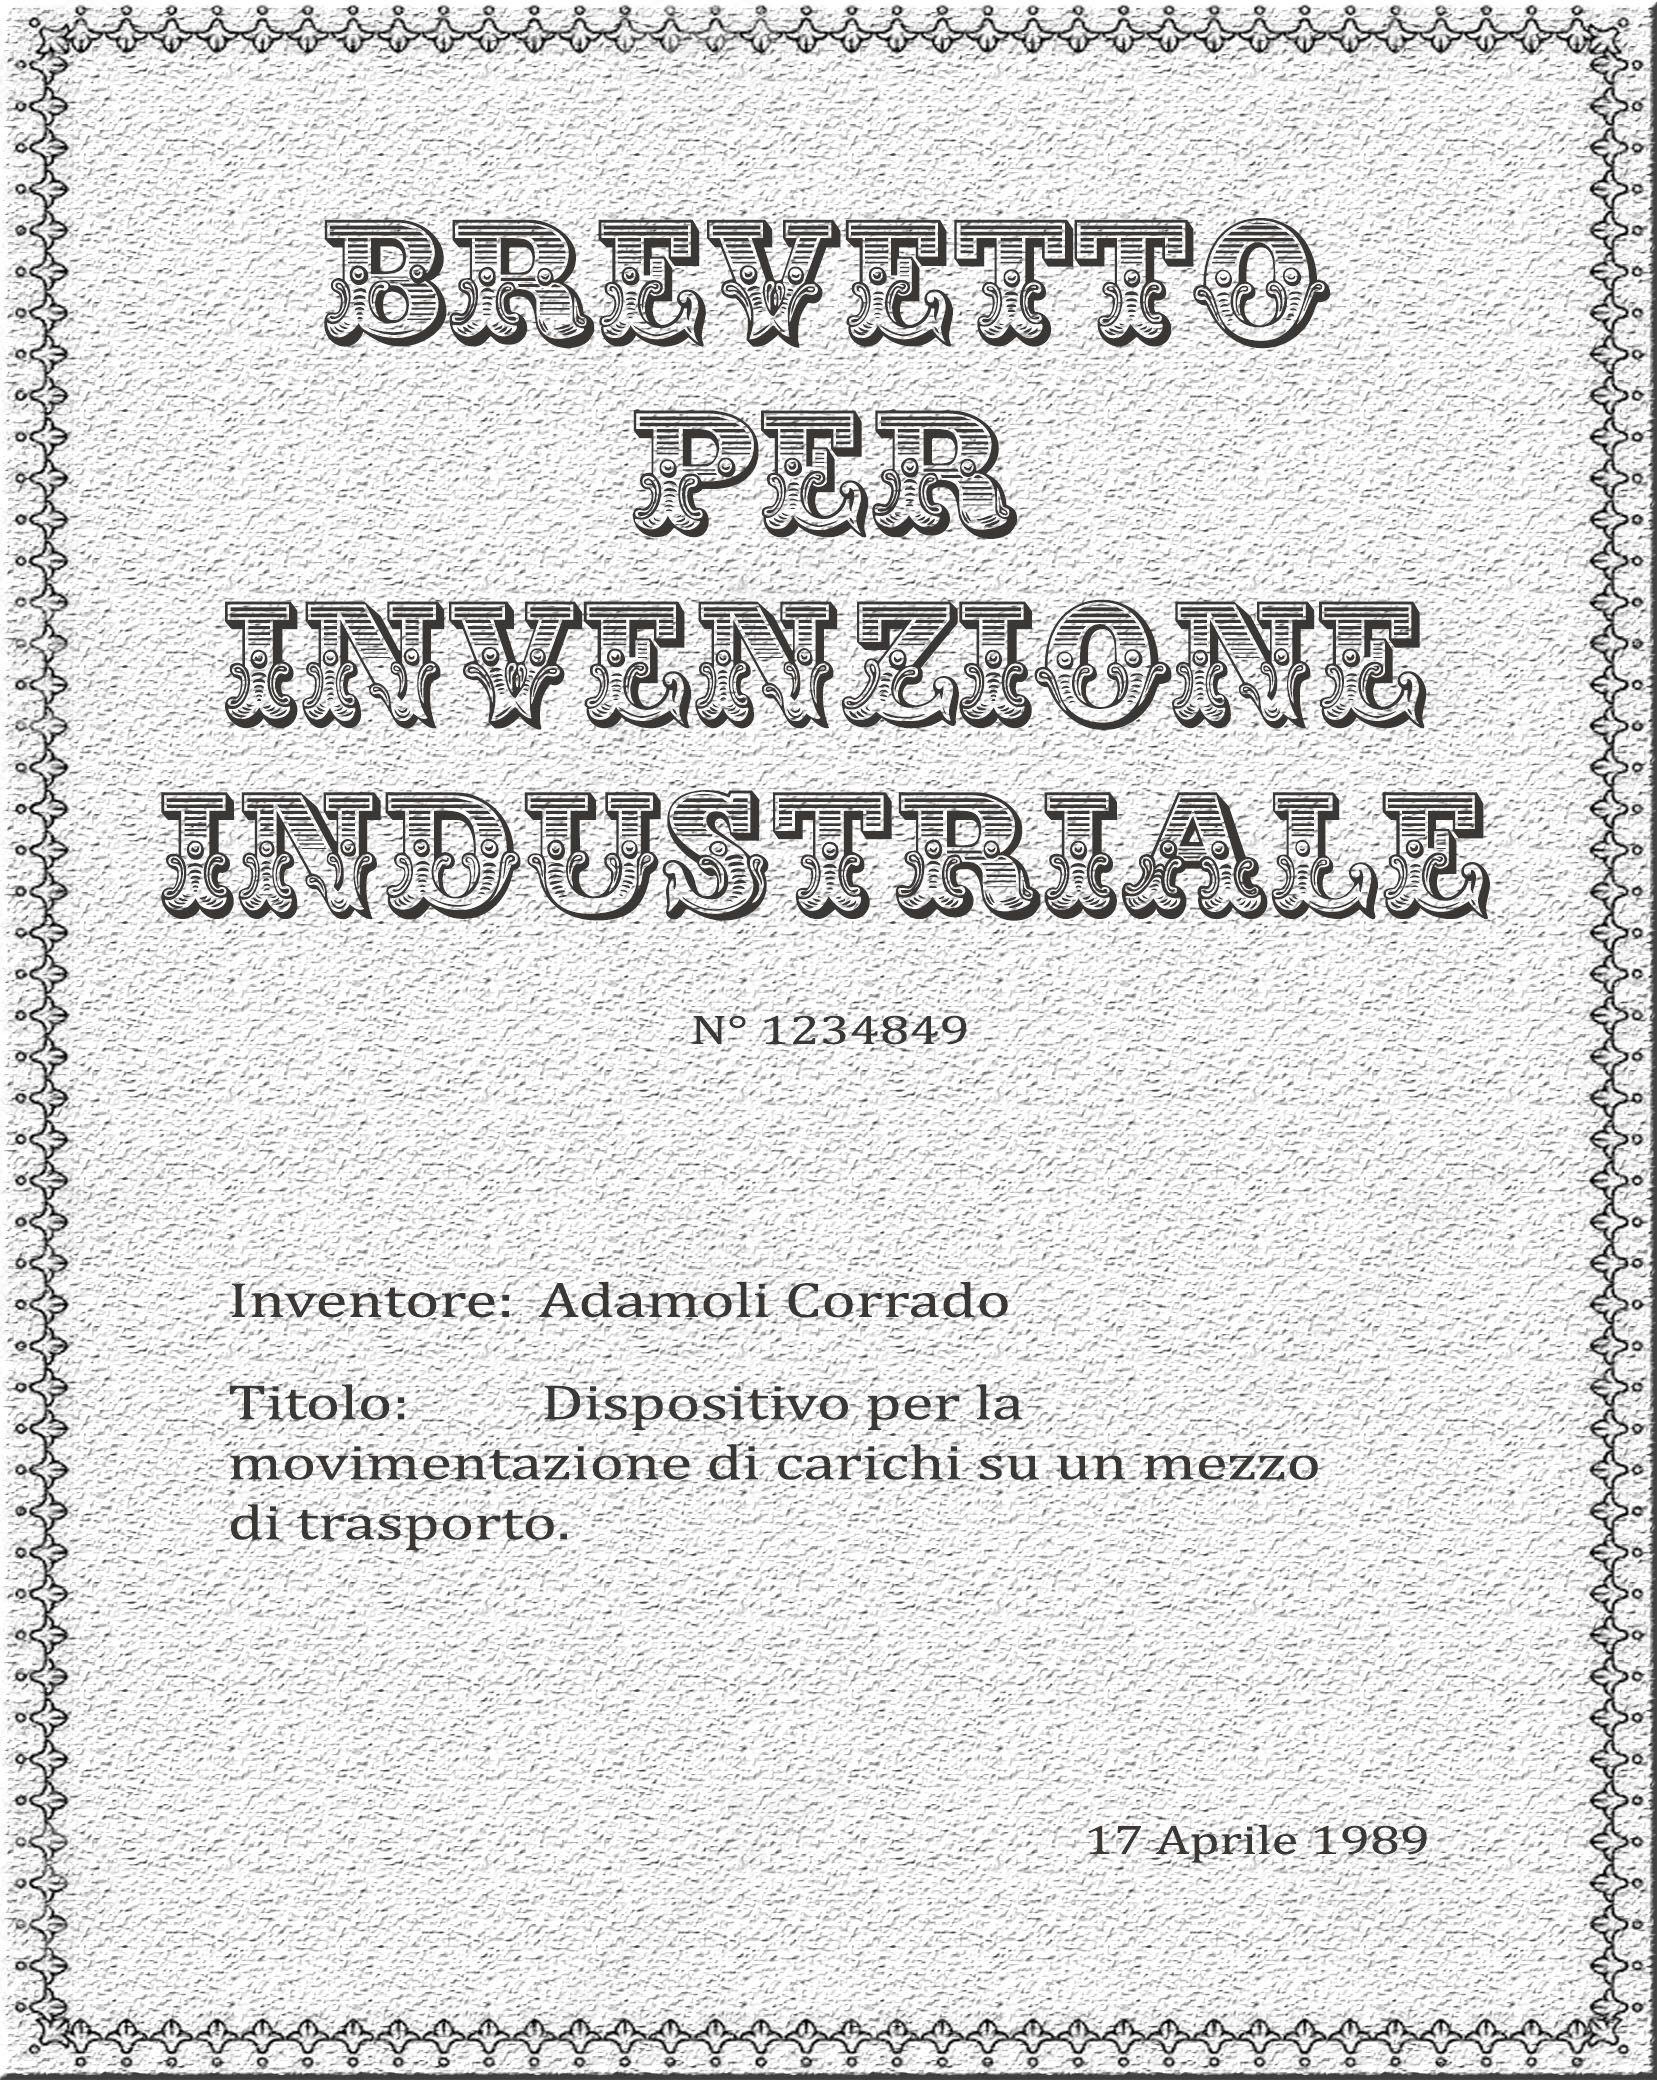 #Second #Patent for #industrial #invention: #Adamoli #Rolling #Floor   #Secondo #Brevetto per #invenzione #industriale: #tappeto #rotante  Info: www.adamolirollingfloor.com